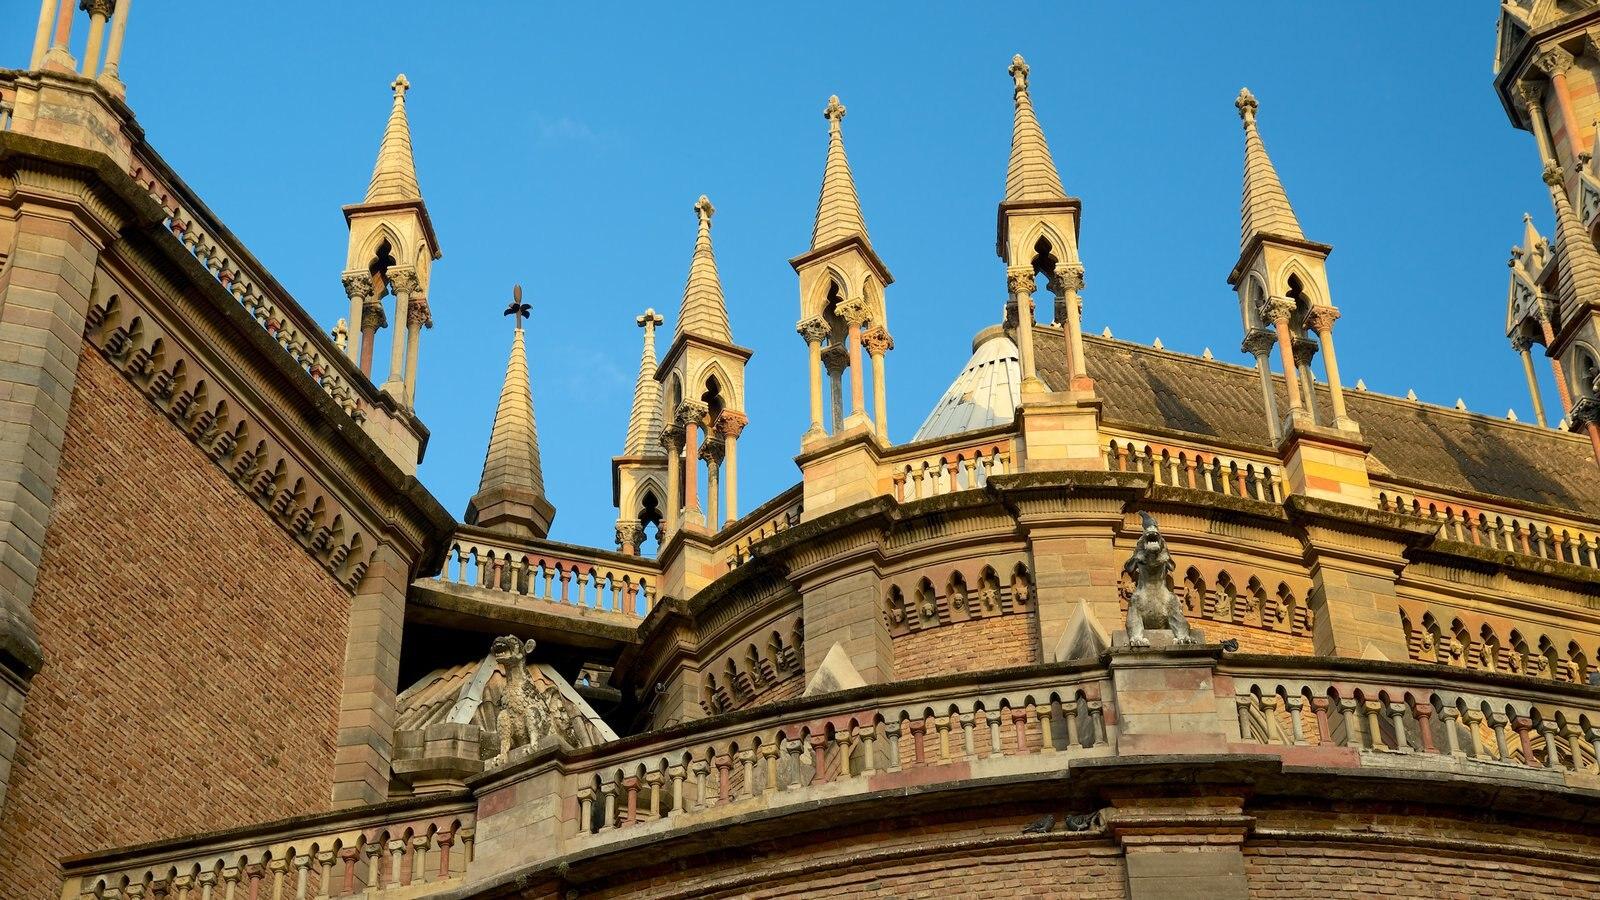 Iglesia del Sagrado Corazón que inclui elementos religiosos, um pôr do sol e uma igreja ou catedral